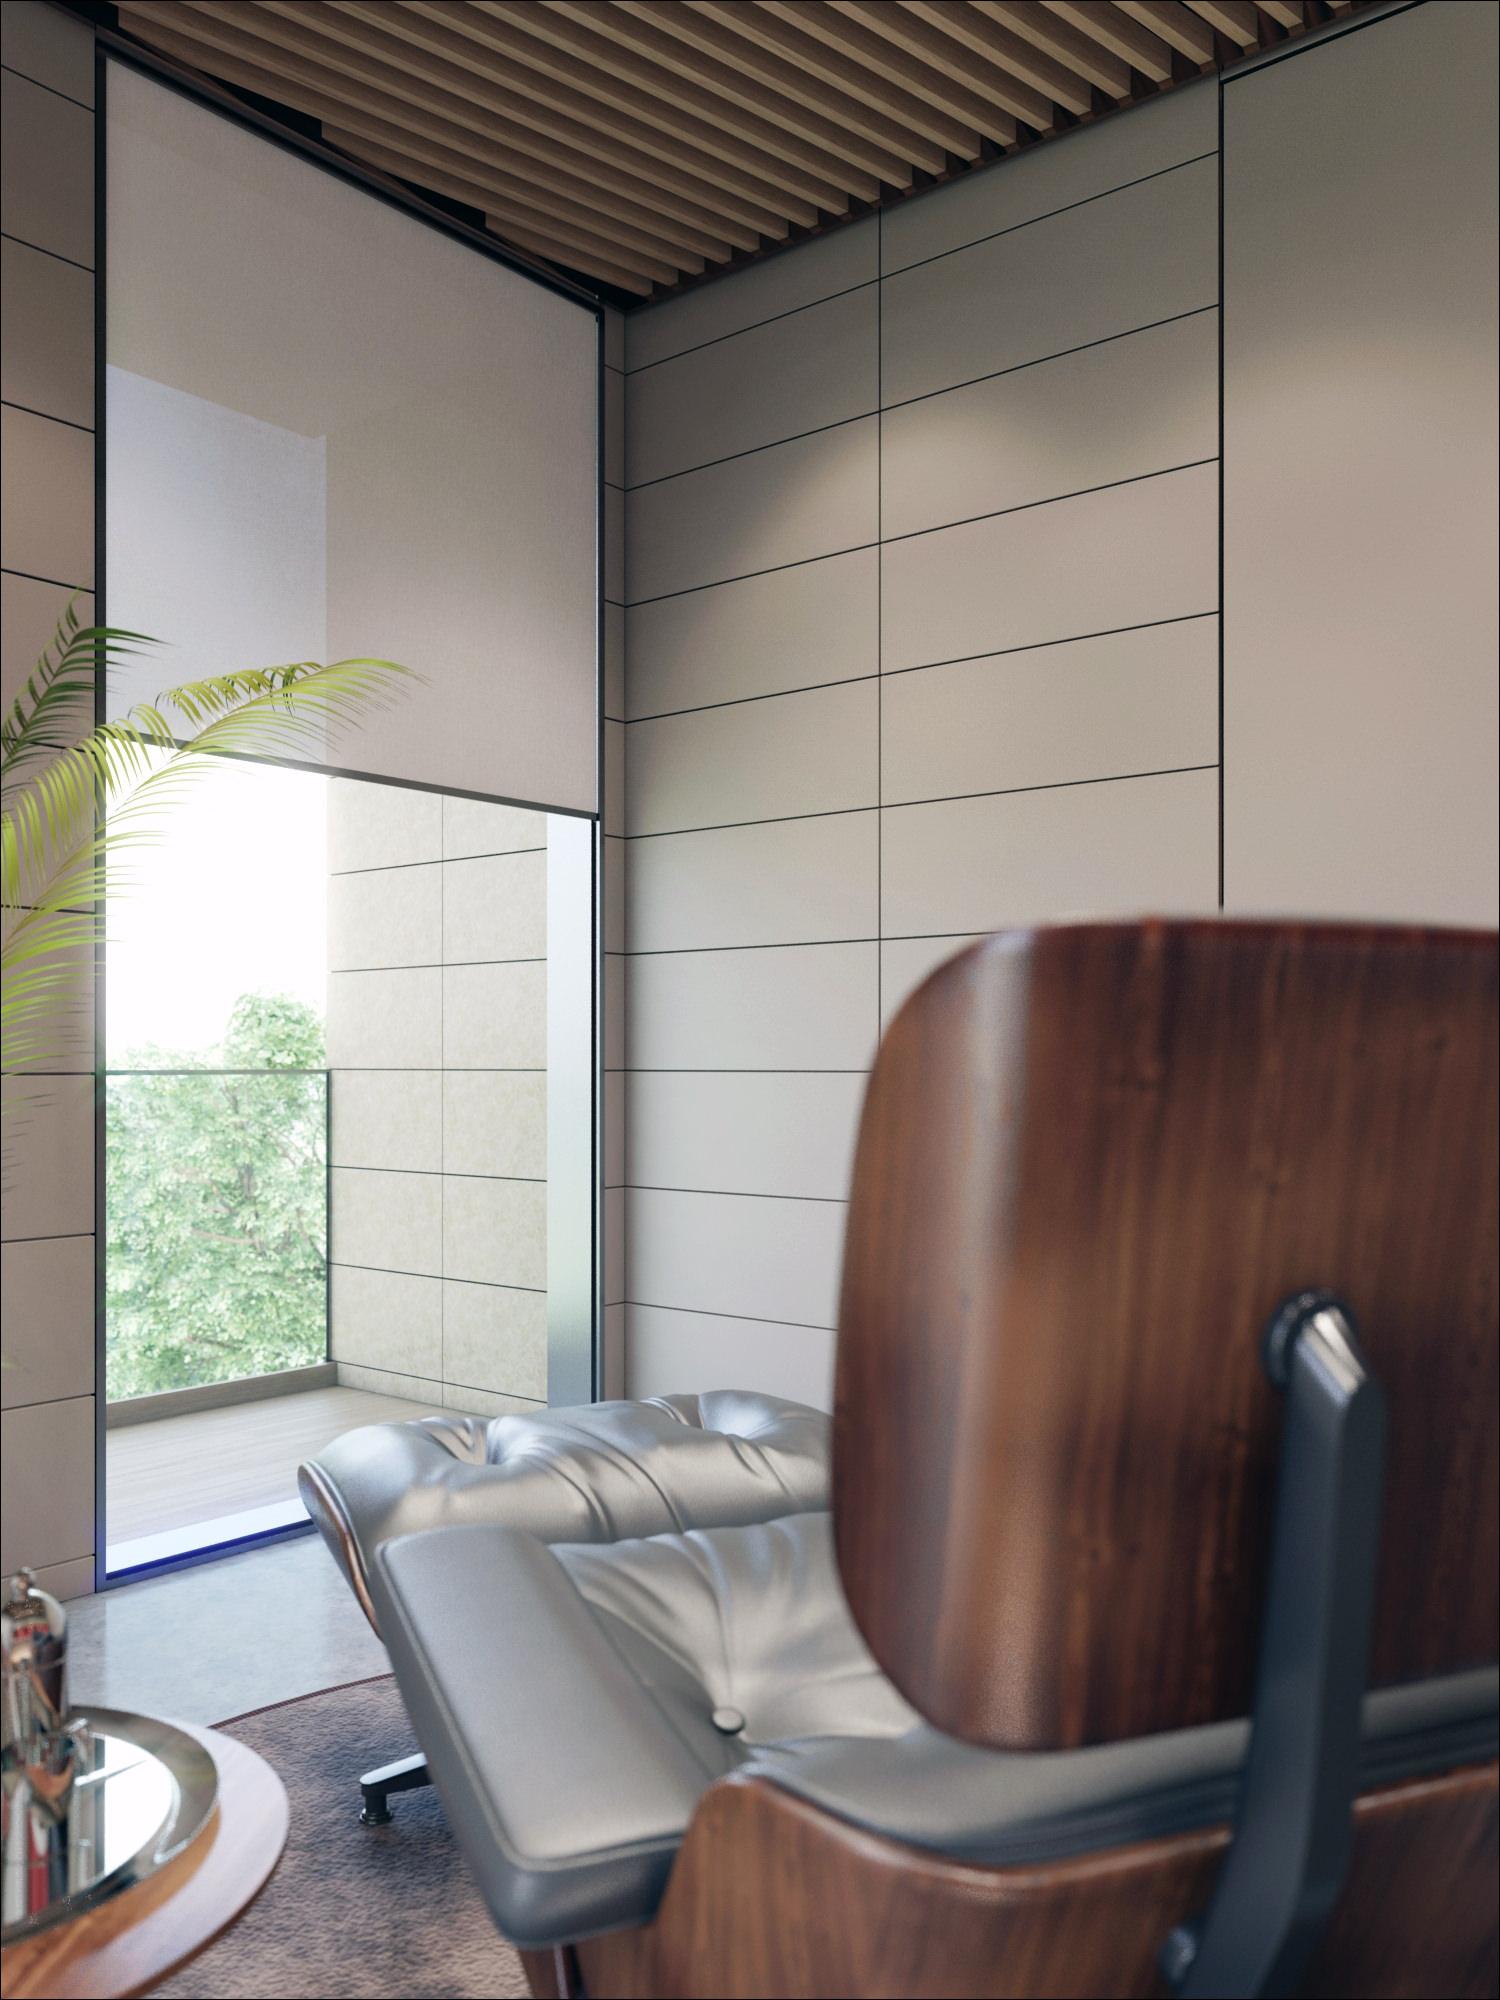 vue contre plongeante d'un rendu 3D photo réaliste de mobilier de bureau